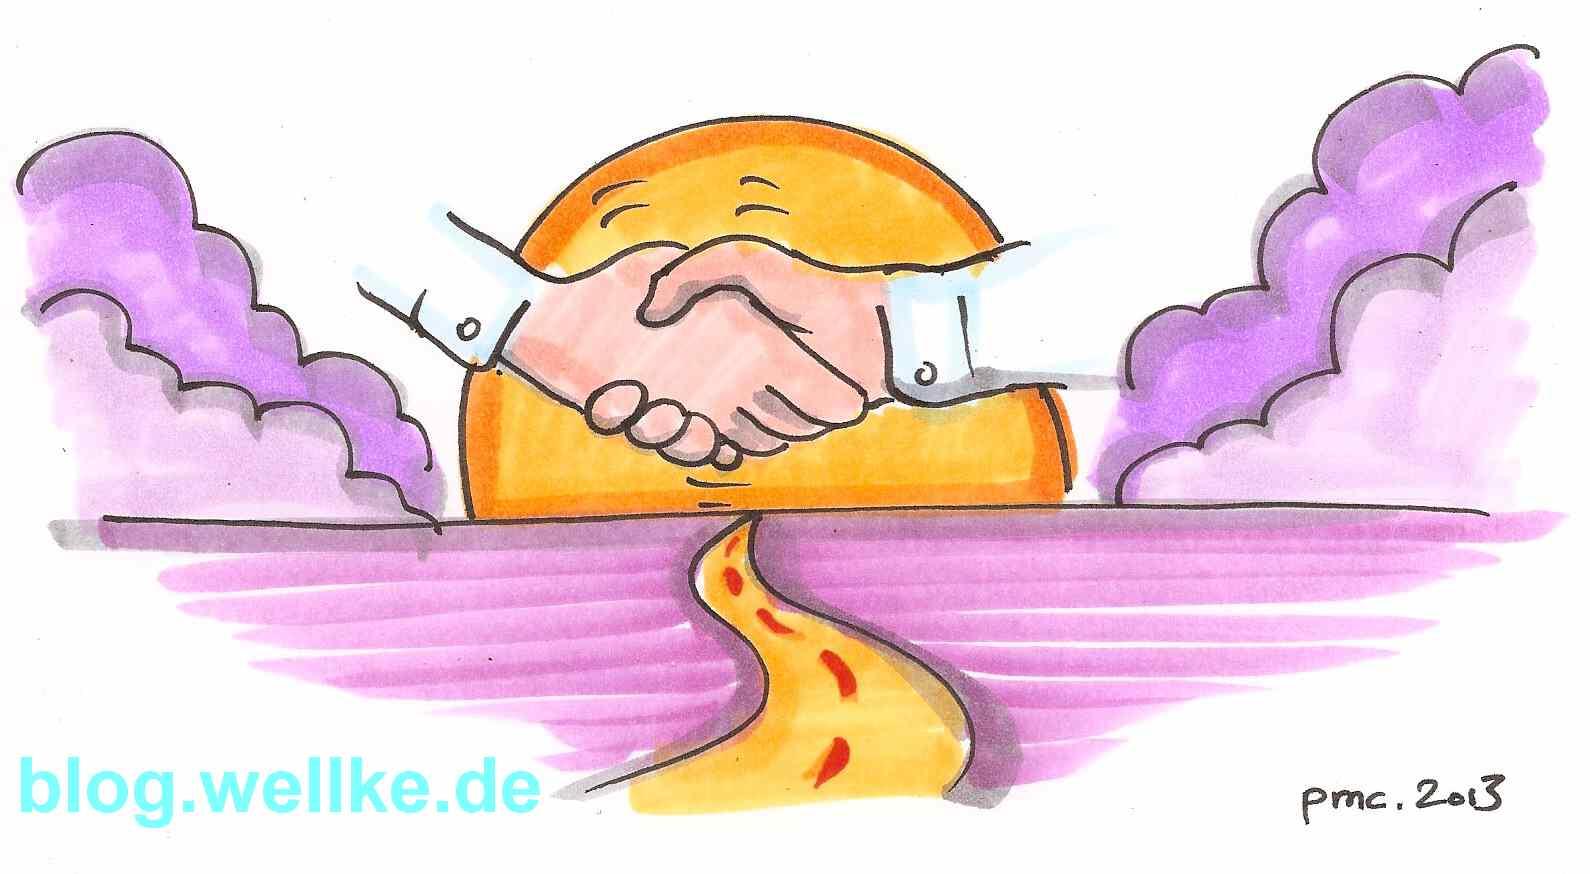 16 - Metapher für Zusammenarbeit und Zukunft_Metaphern und Organisationsentwicklung